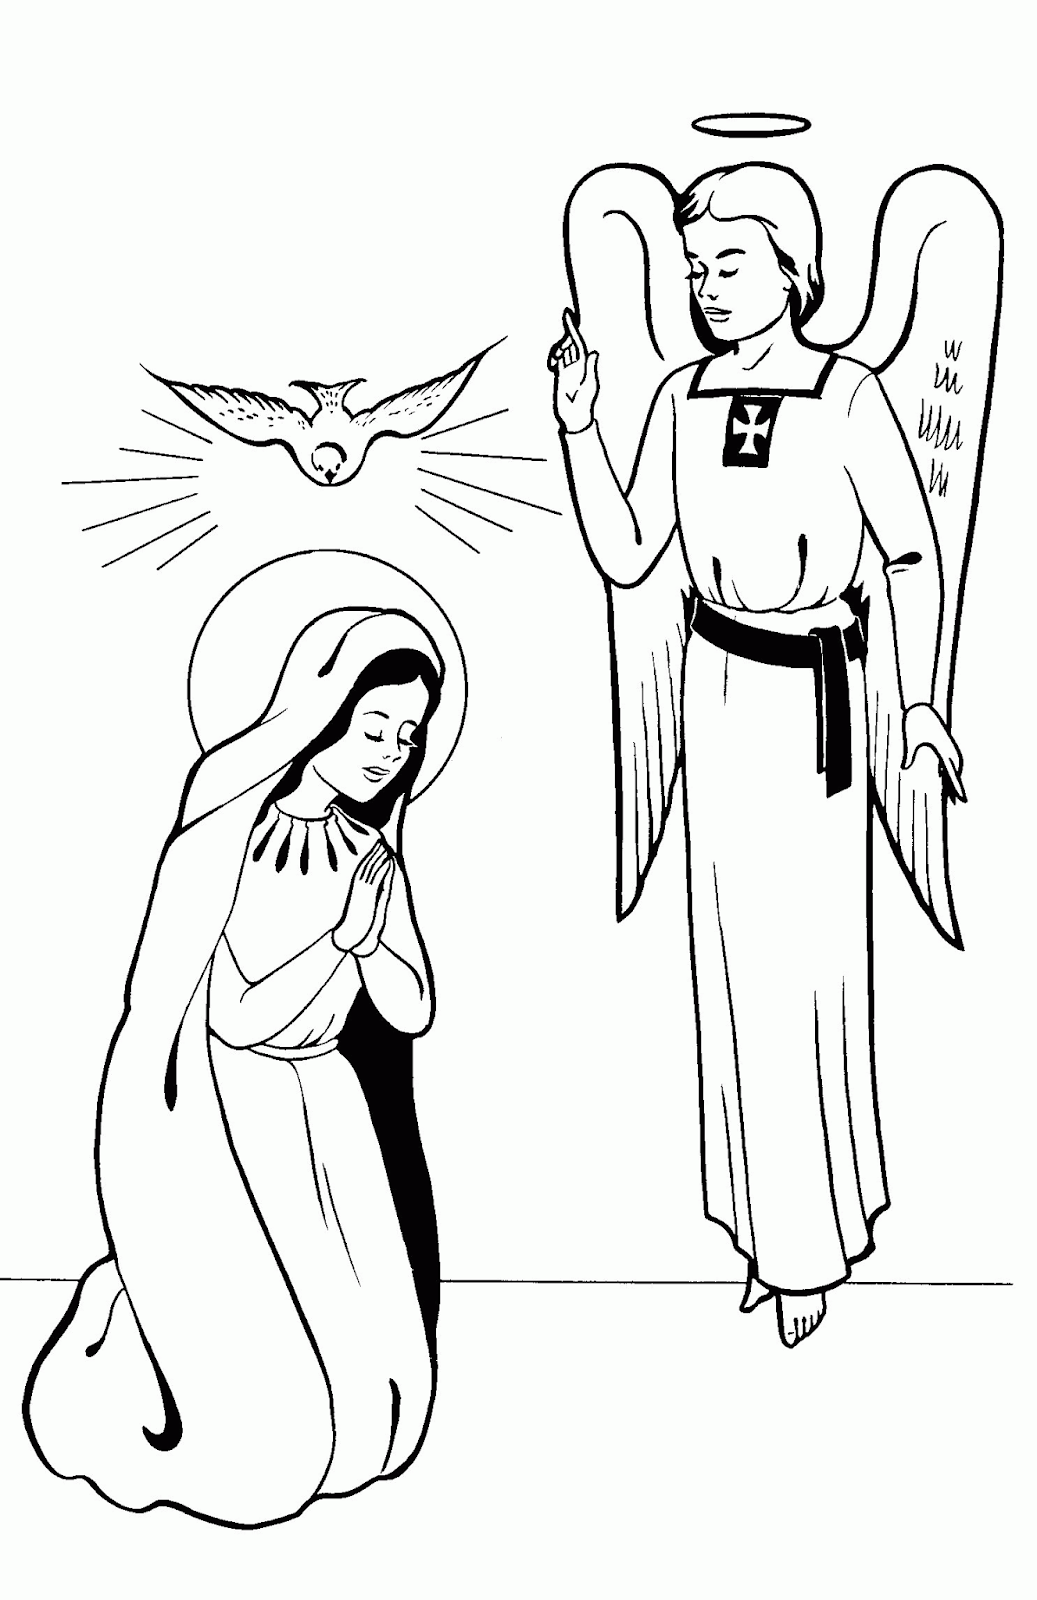 Ausmalbilder Engel Weihnachten